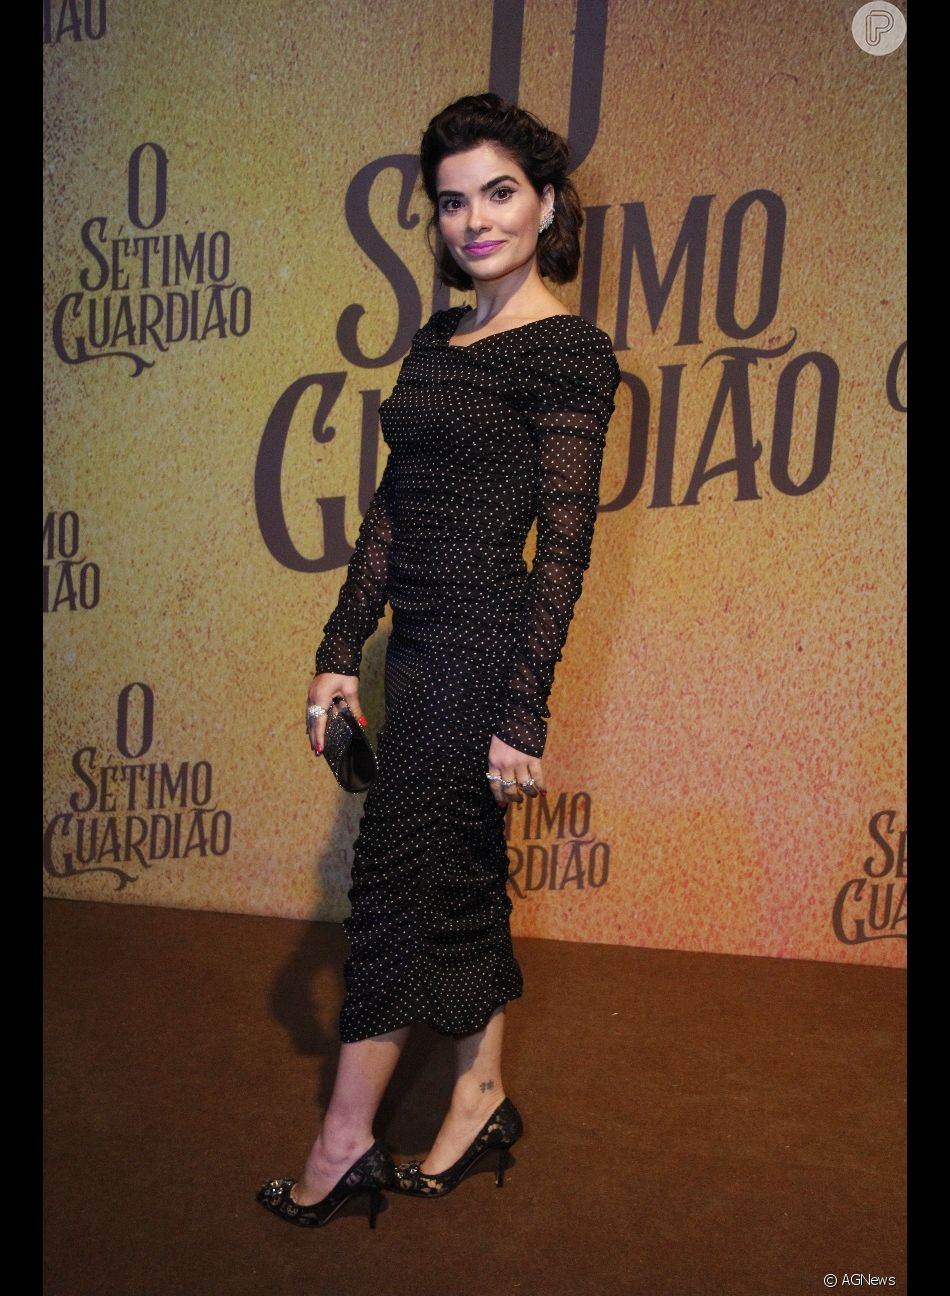 efb22d4e8 Vanessa Giácomo usou vestido midi com estampa poá e joias L/DANA na festa  de lançamento da novela 'O Sétimo Guardião'